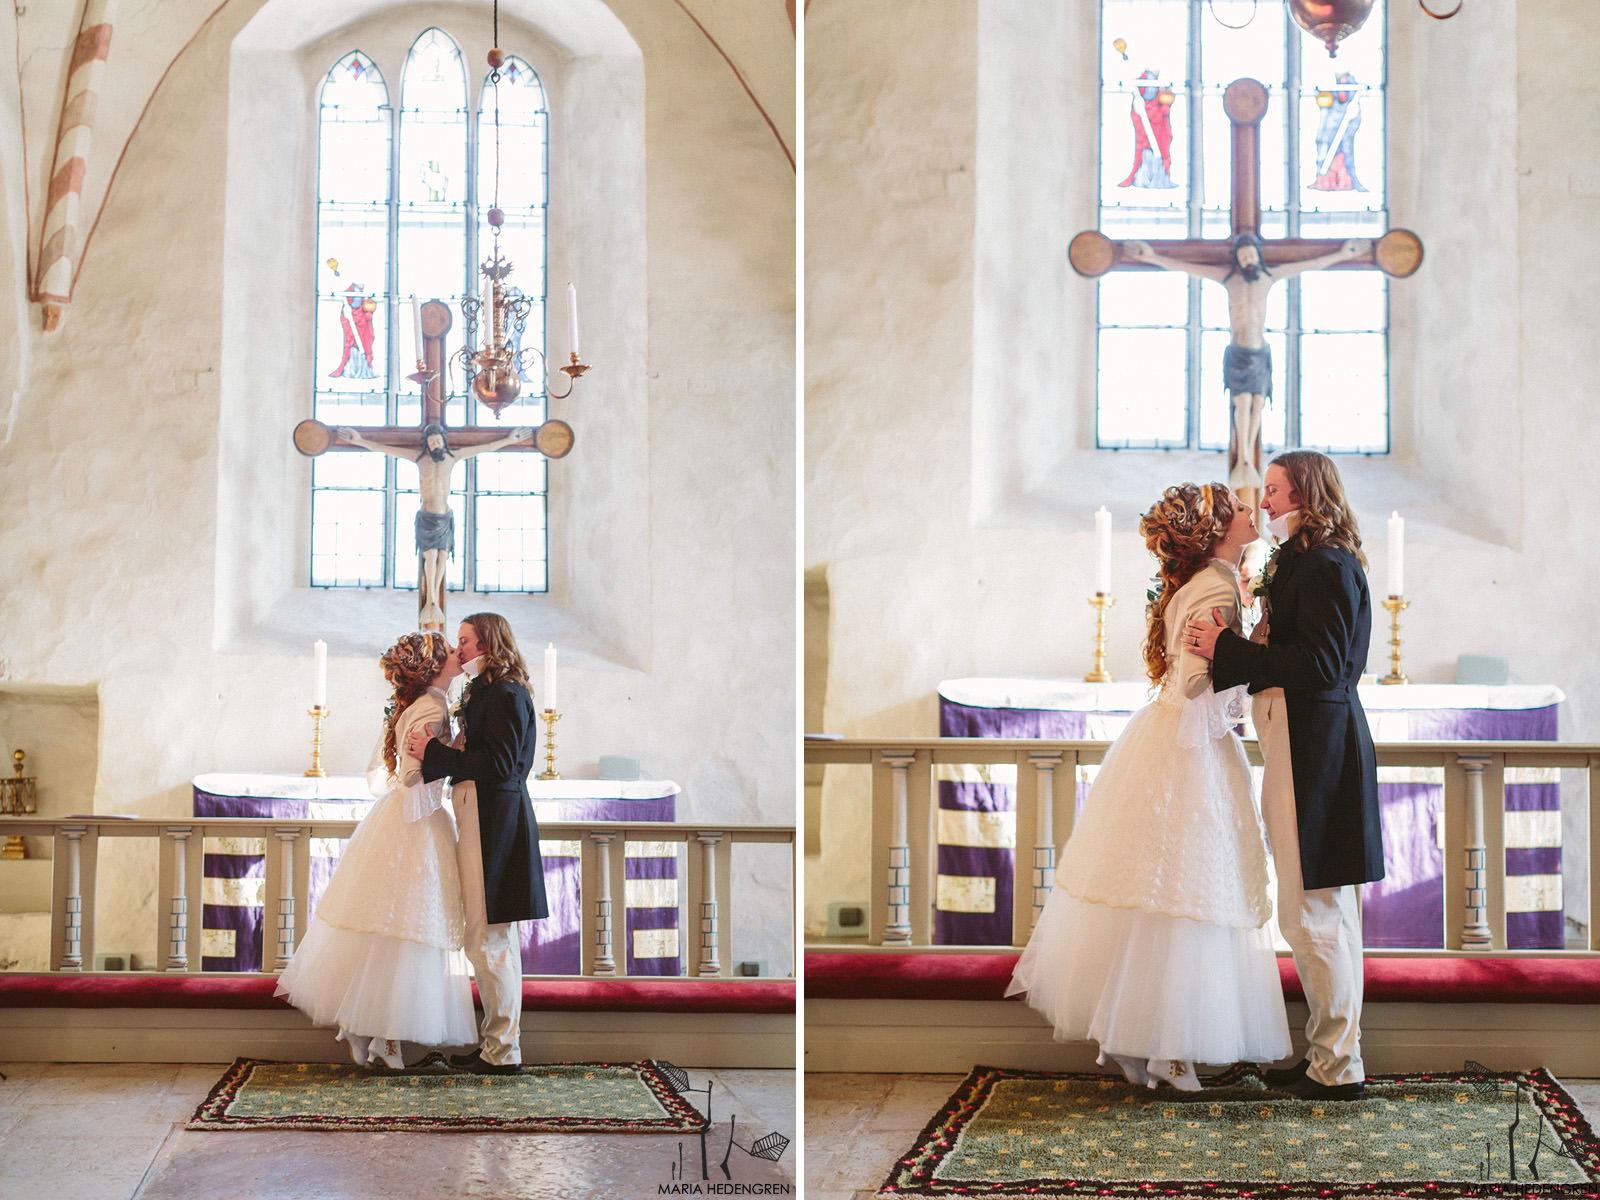 nagu kyrka bröllop